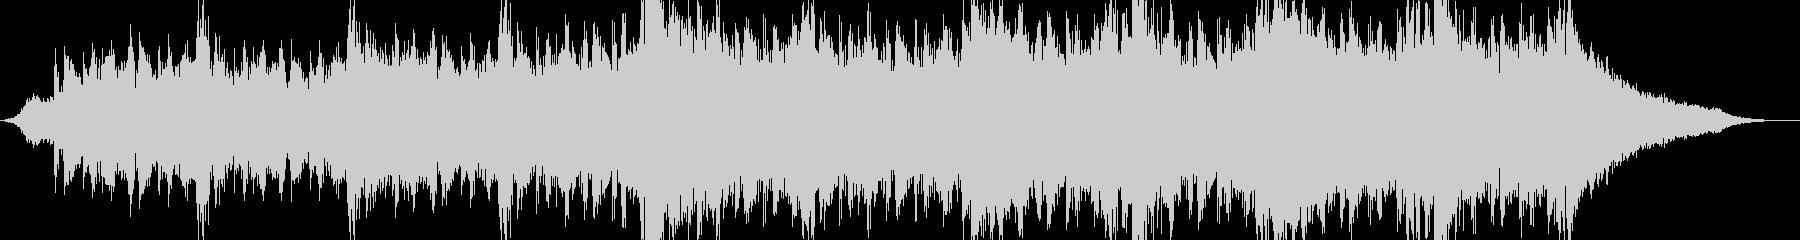 オーケストラ楽器。グランドスイーピ...の未再生の波形